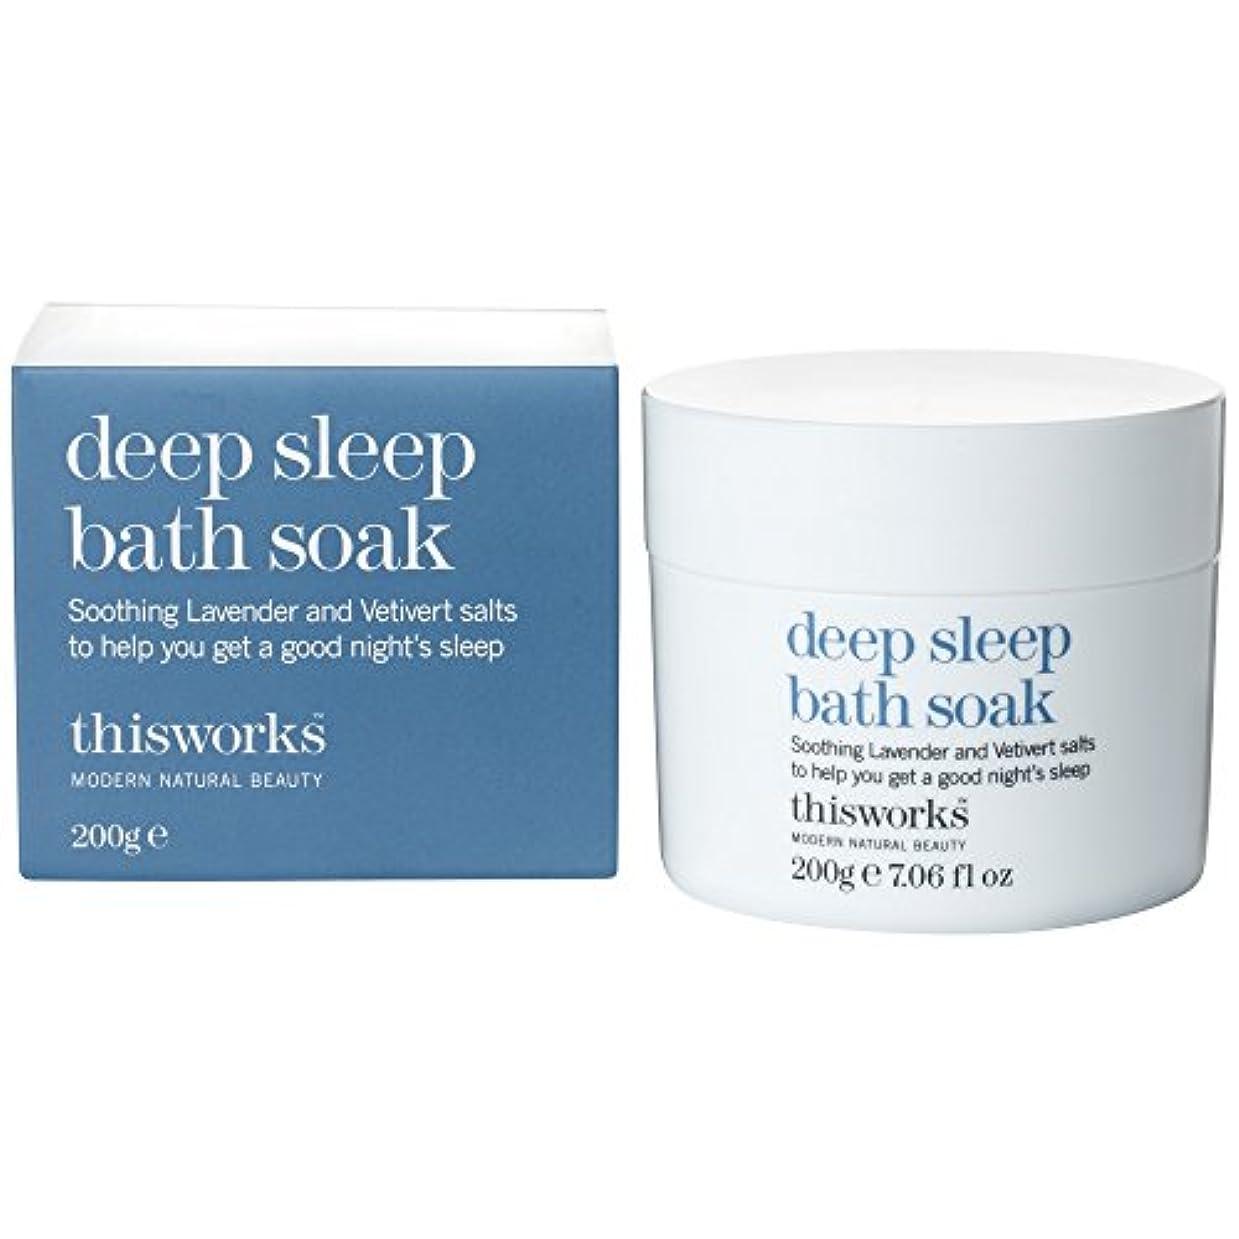 交通バックグラウンドメロディーこれは、深い眠り浴が200グラムを浸す働きます (This Works) - This Works Deep Sleep Bath Soak 200g [並行輸入品]